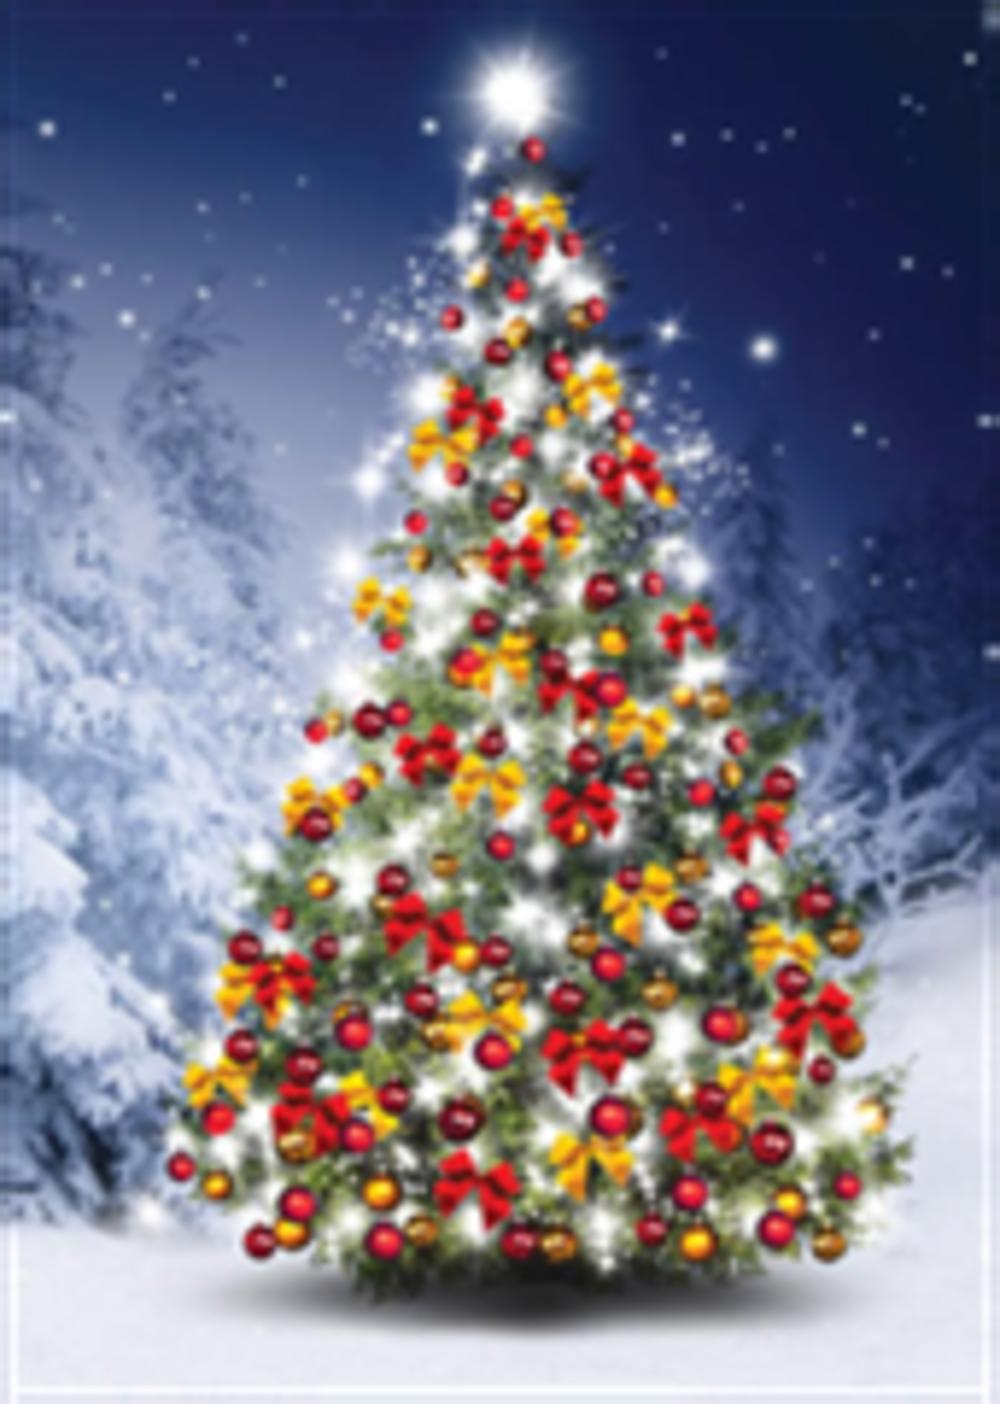 Vendredi 14 décembre - Arbre de Noël 0